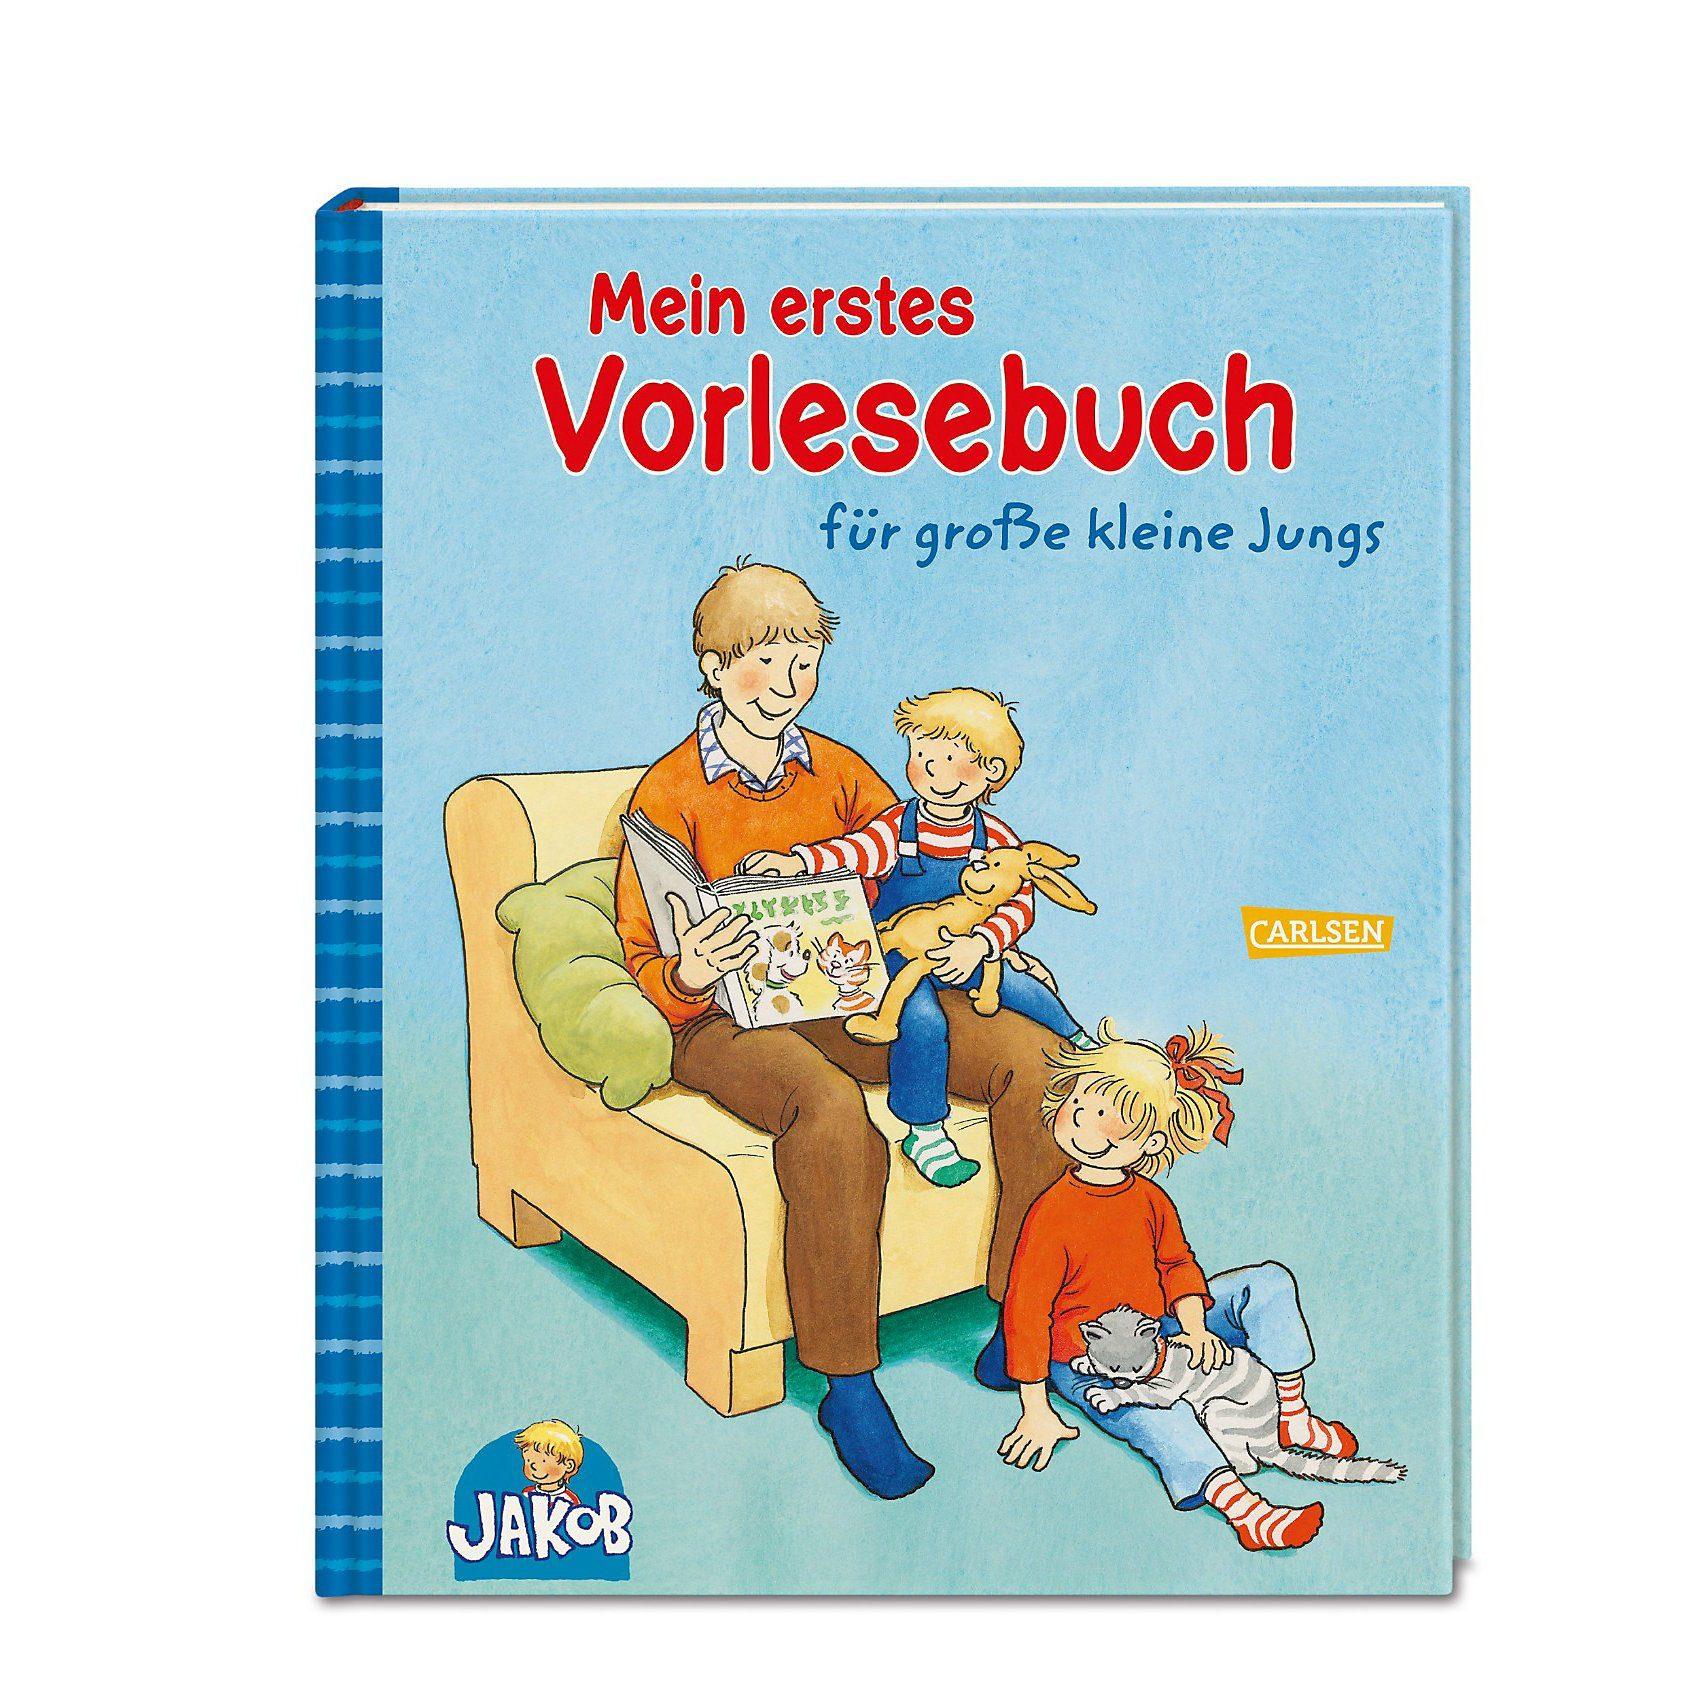 Carlsen Verlag Mein erstes Vorlesebuch für große kleine Jungs